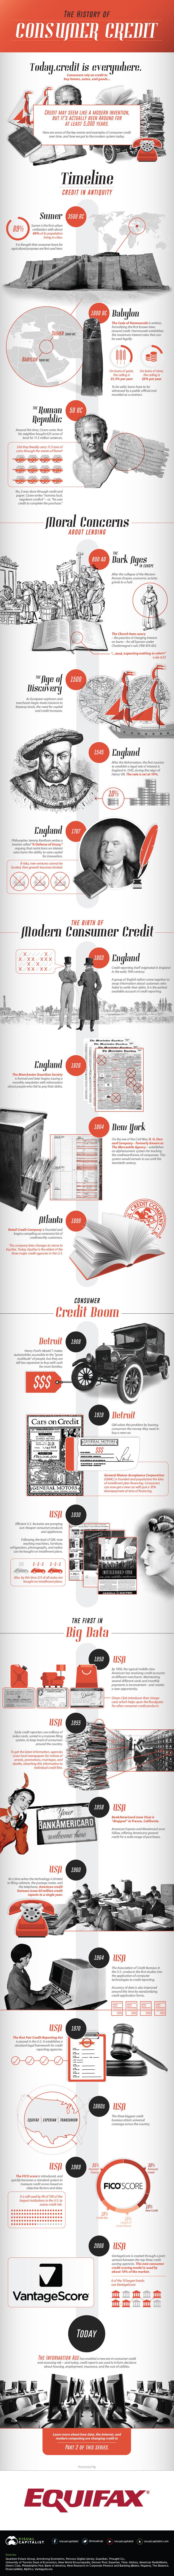 histoire du crédit